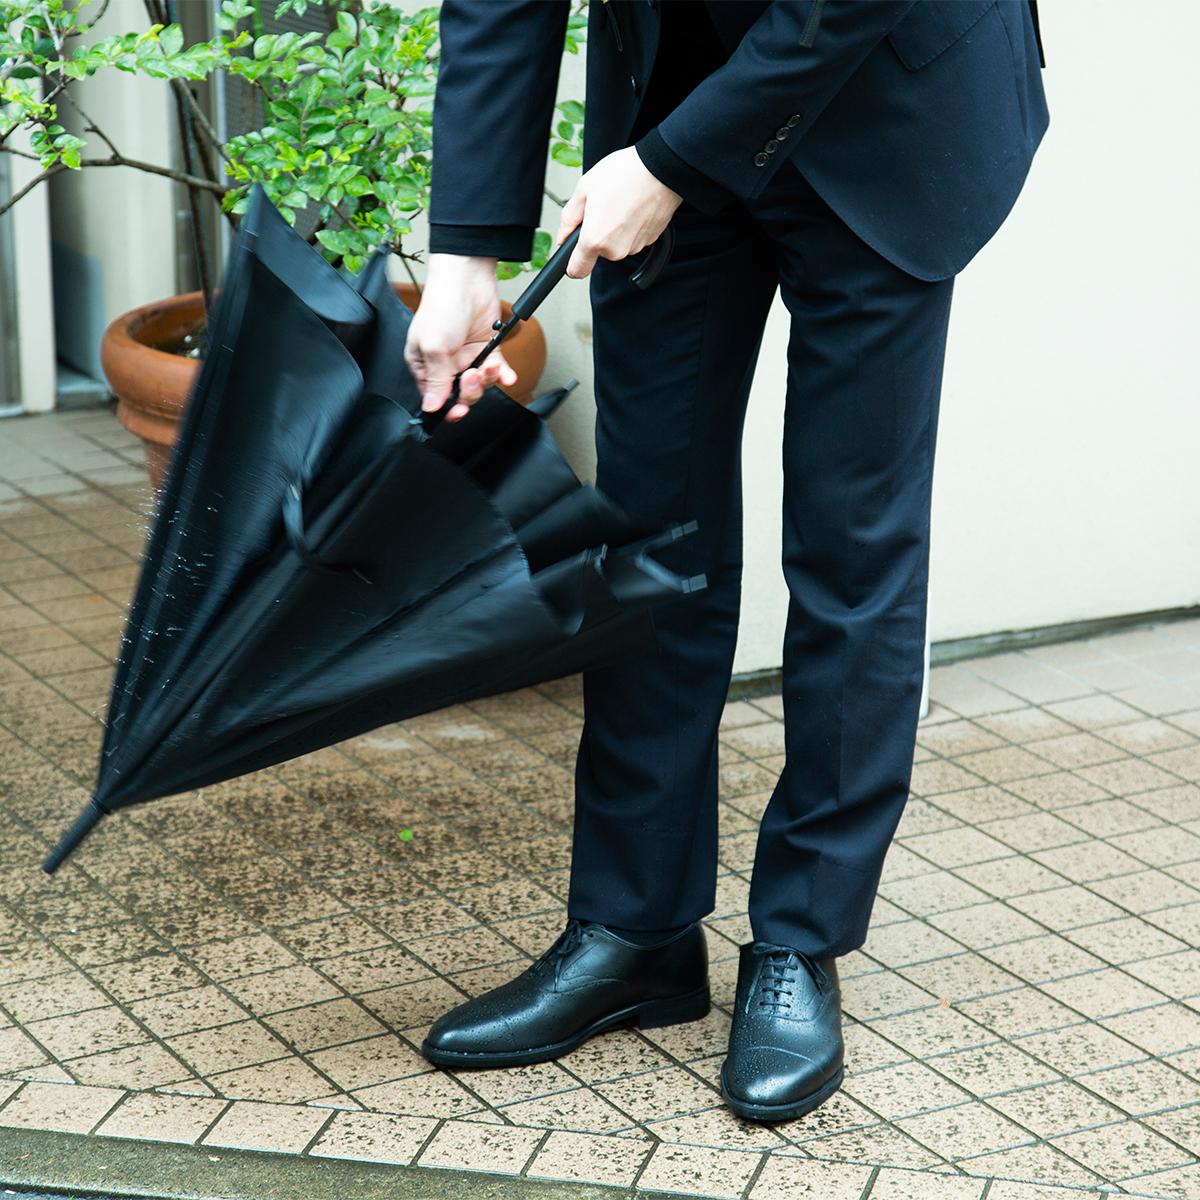 水に濡れたまま放置しても防水機能は失われないので、梅雨や秋雨シーズンにも安心して履き続けられる洗練された「レインシューズ」|三陽山長